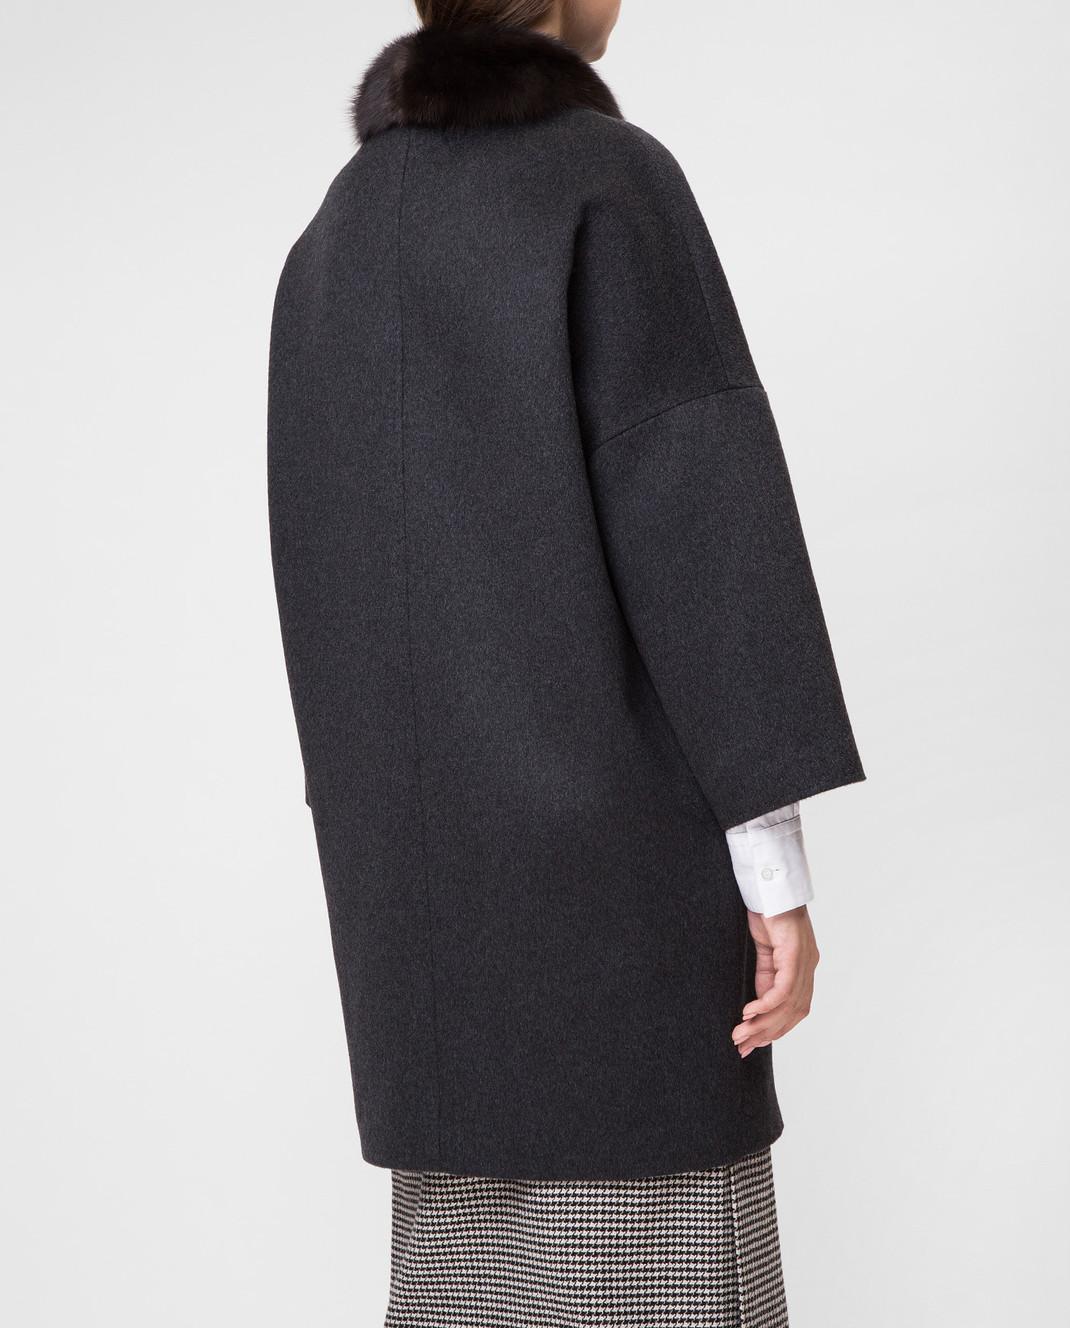 Real Furs House Темно-серое пальто CSR7177 изображение 4